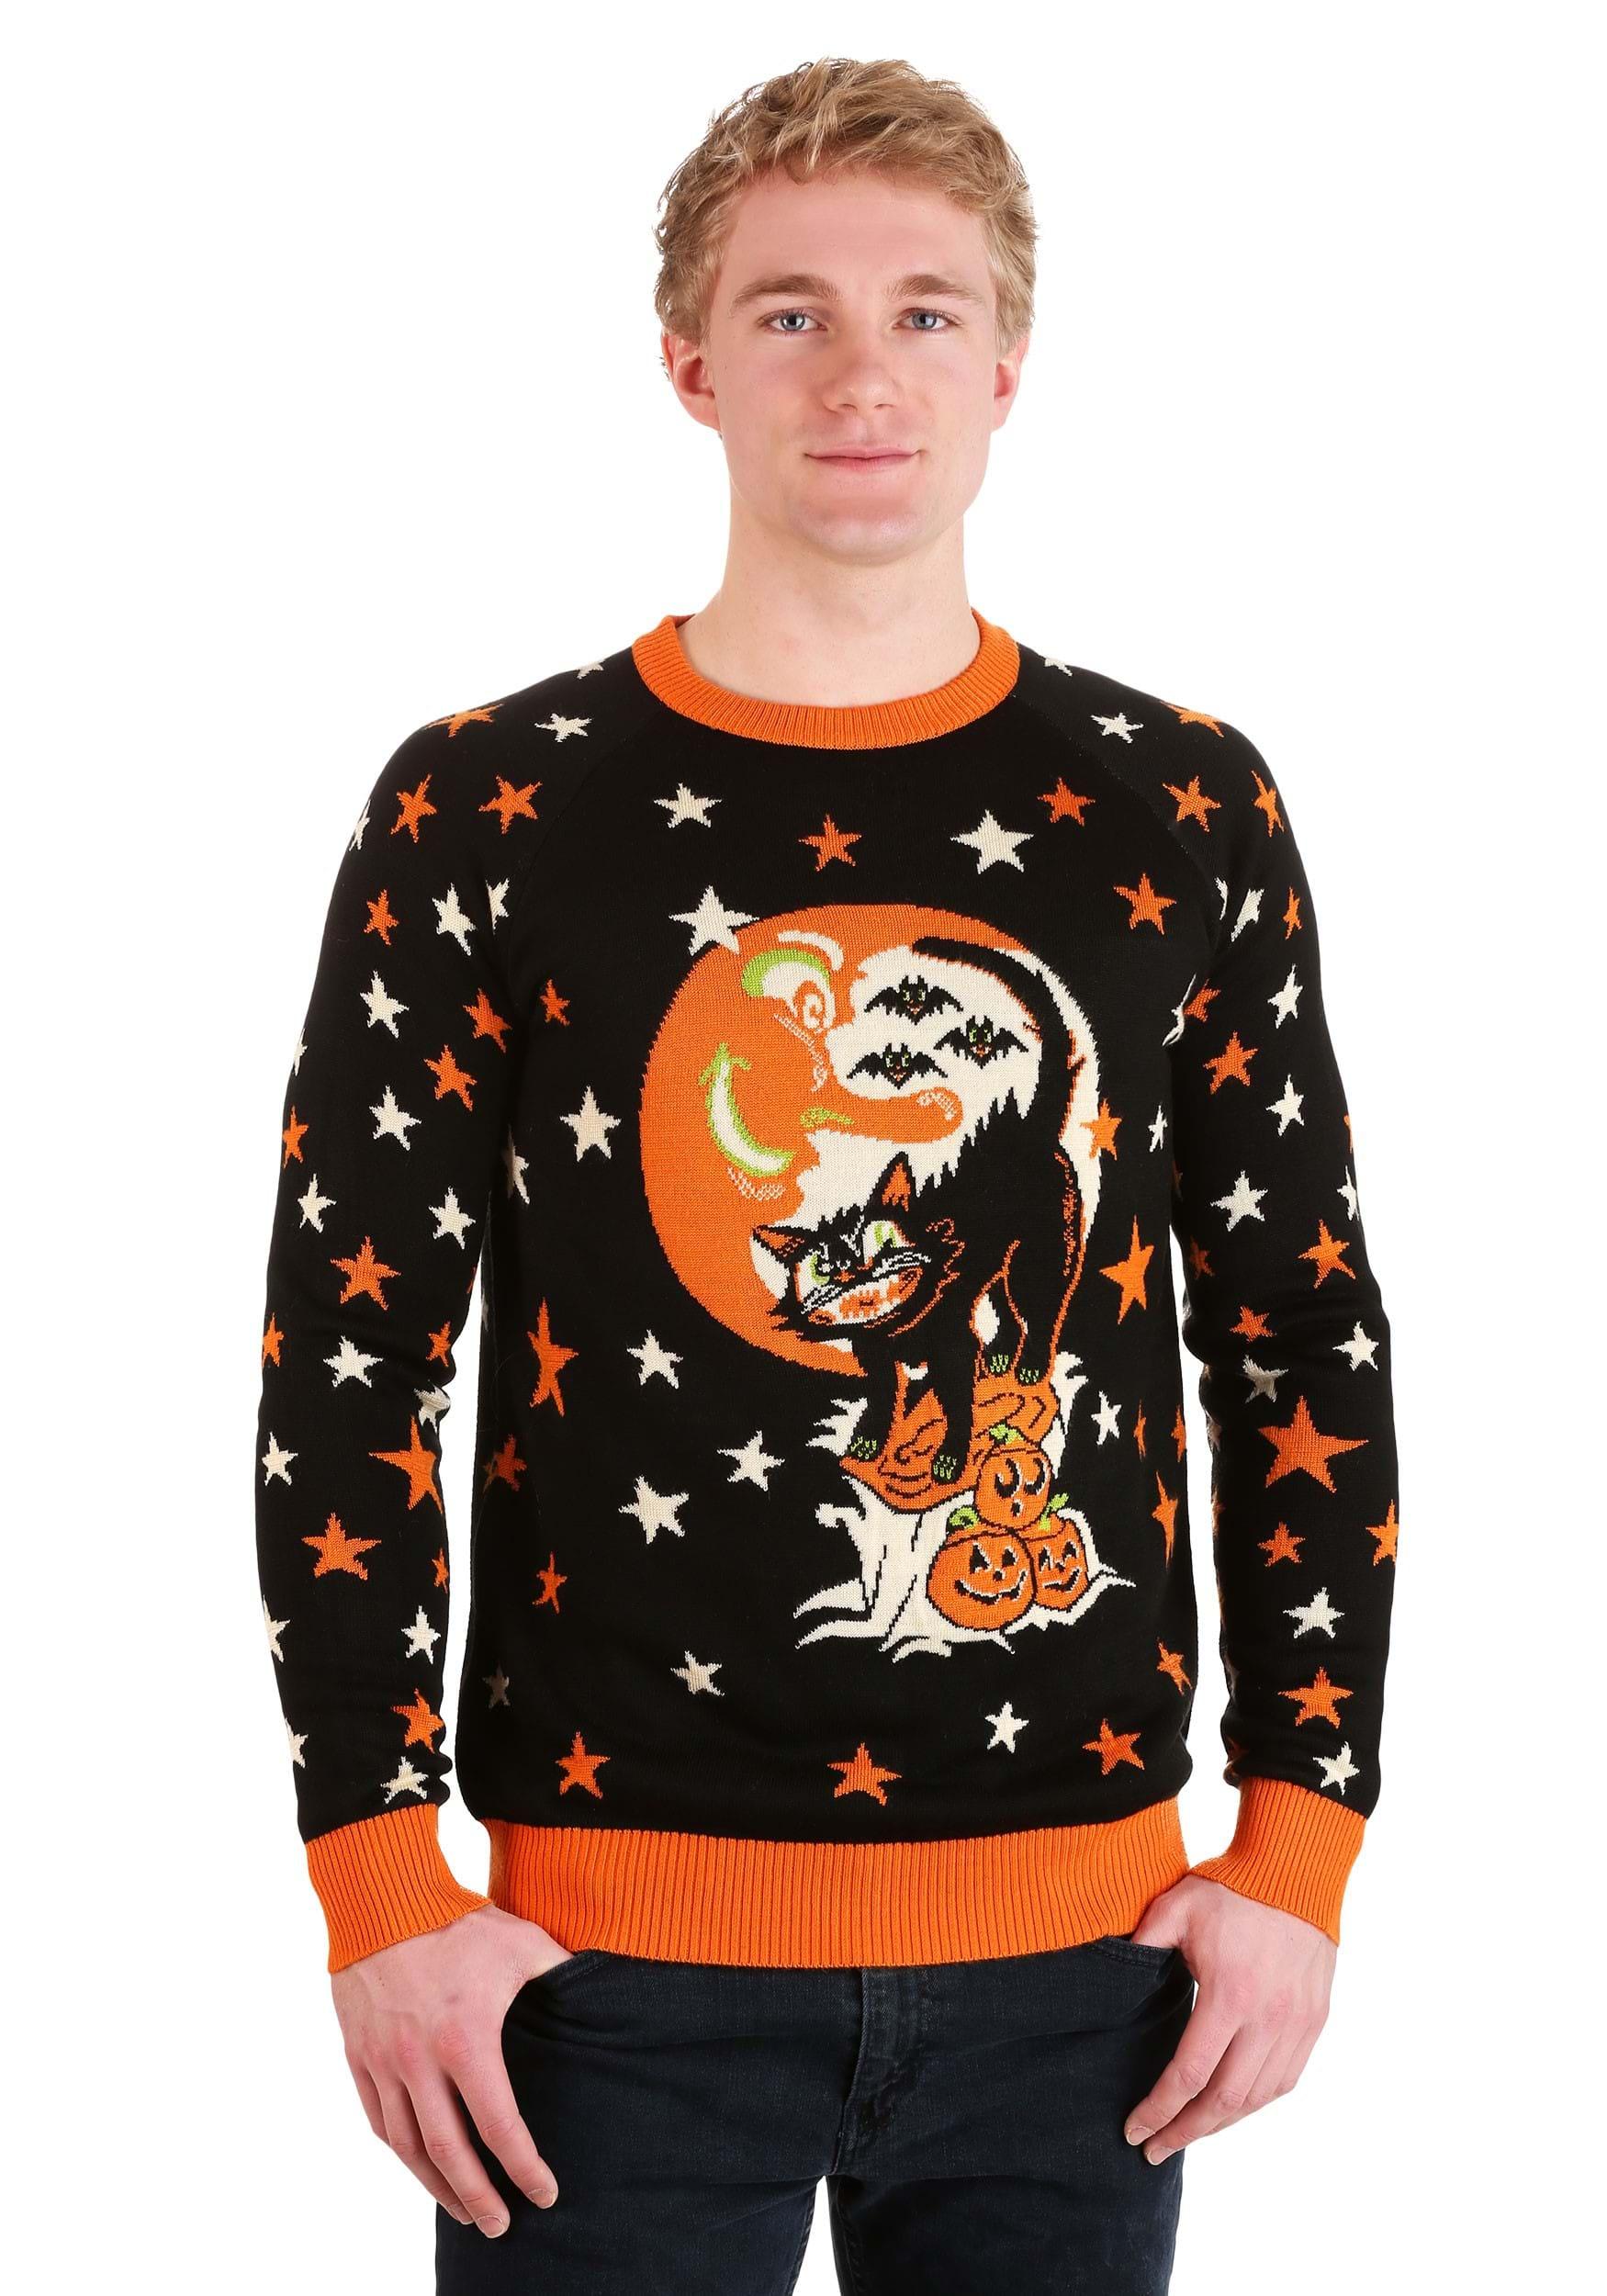 Vintage Halloween Cat Halloween Sweater